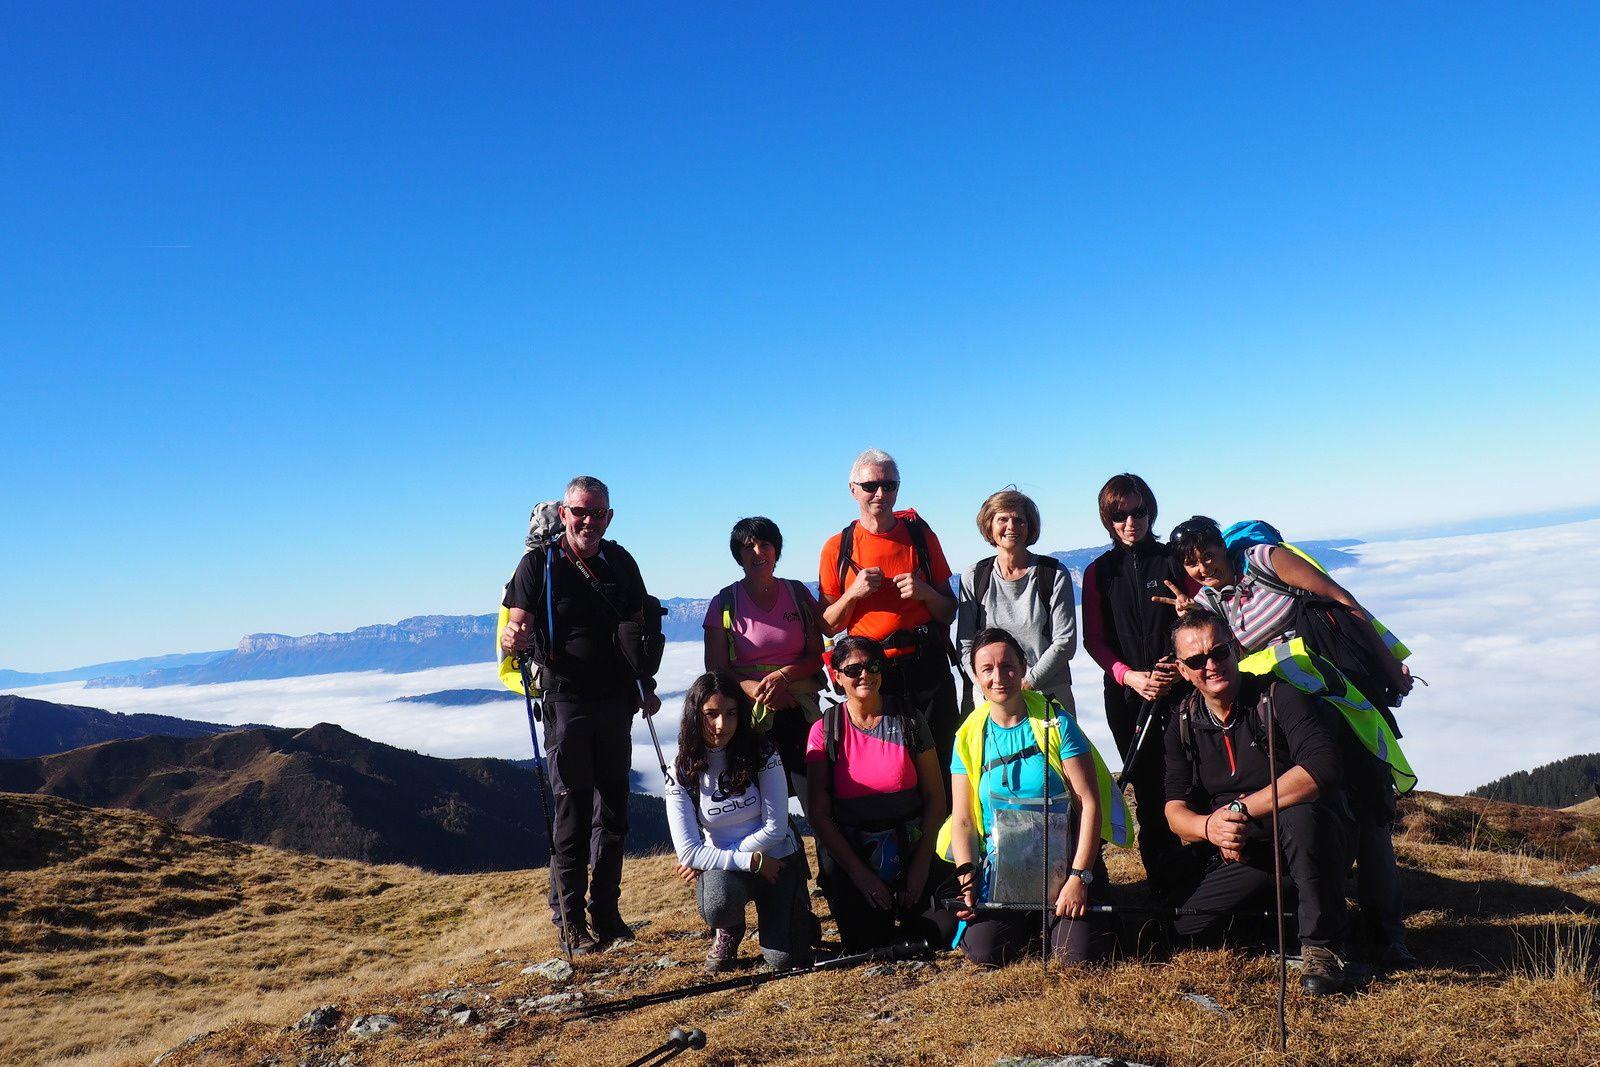 le groupe: debout depuis la gauche, Pascal,Marie Andrée,Gilles,Catherine,Cécile,Sylvie,accroupi au premier plan, Capucine,Marie Pierre,Valérie et moi.